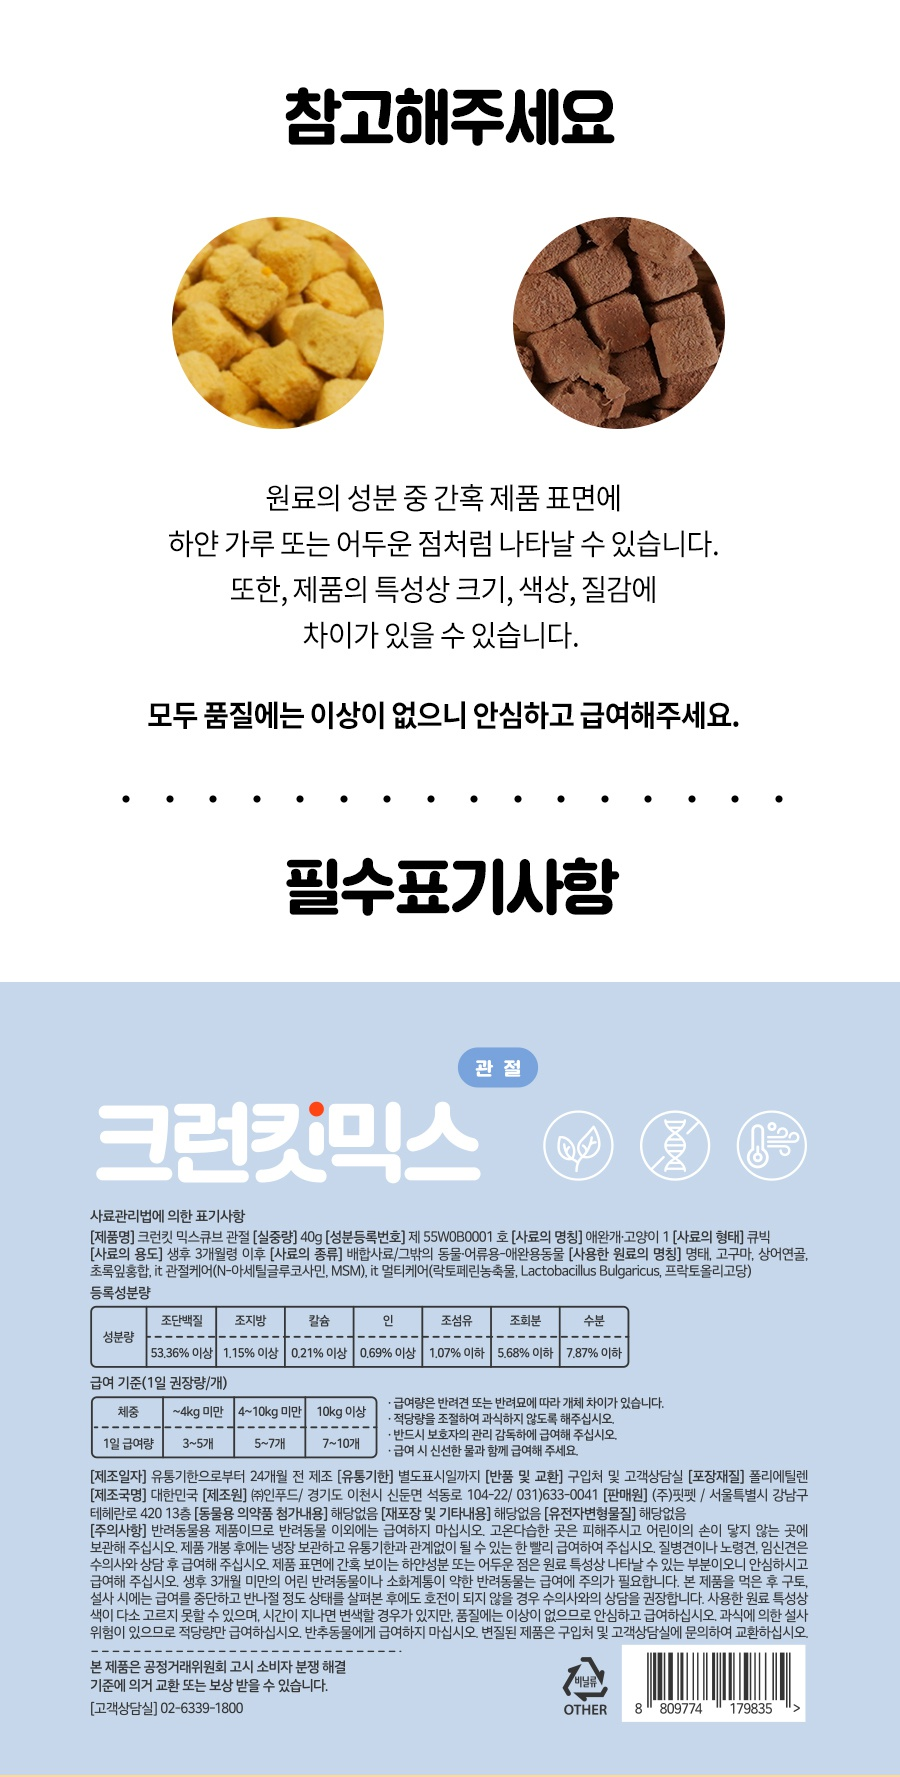 [리뉴얼] 크런킷 믹스큐브 피부/면역/비만/관절/요로 (40g)-상품이미지-14